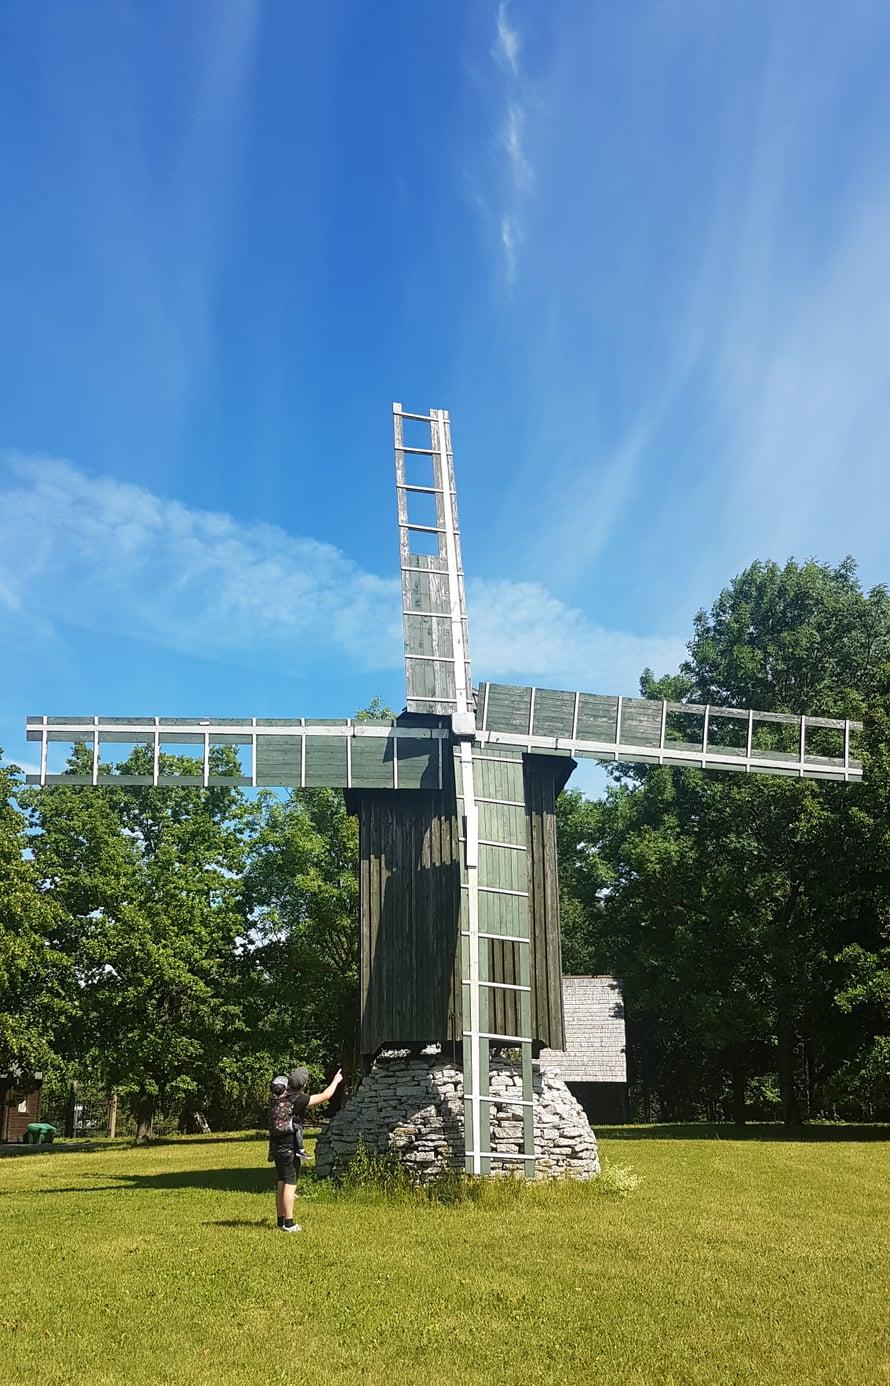 Eläintarhassa pääsi myös ihmettelemään tuulimyllyä. Kuva: Koti-iskä88